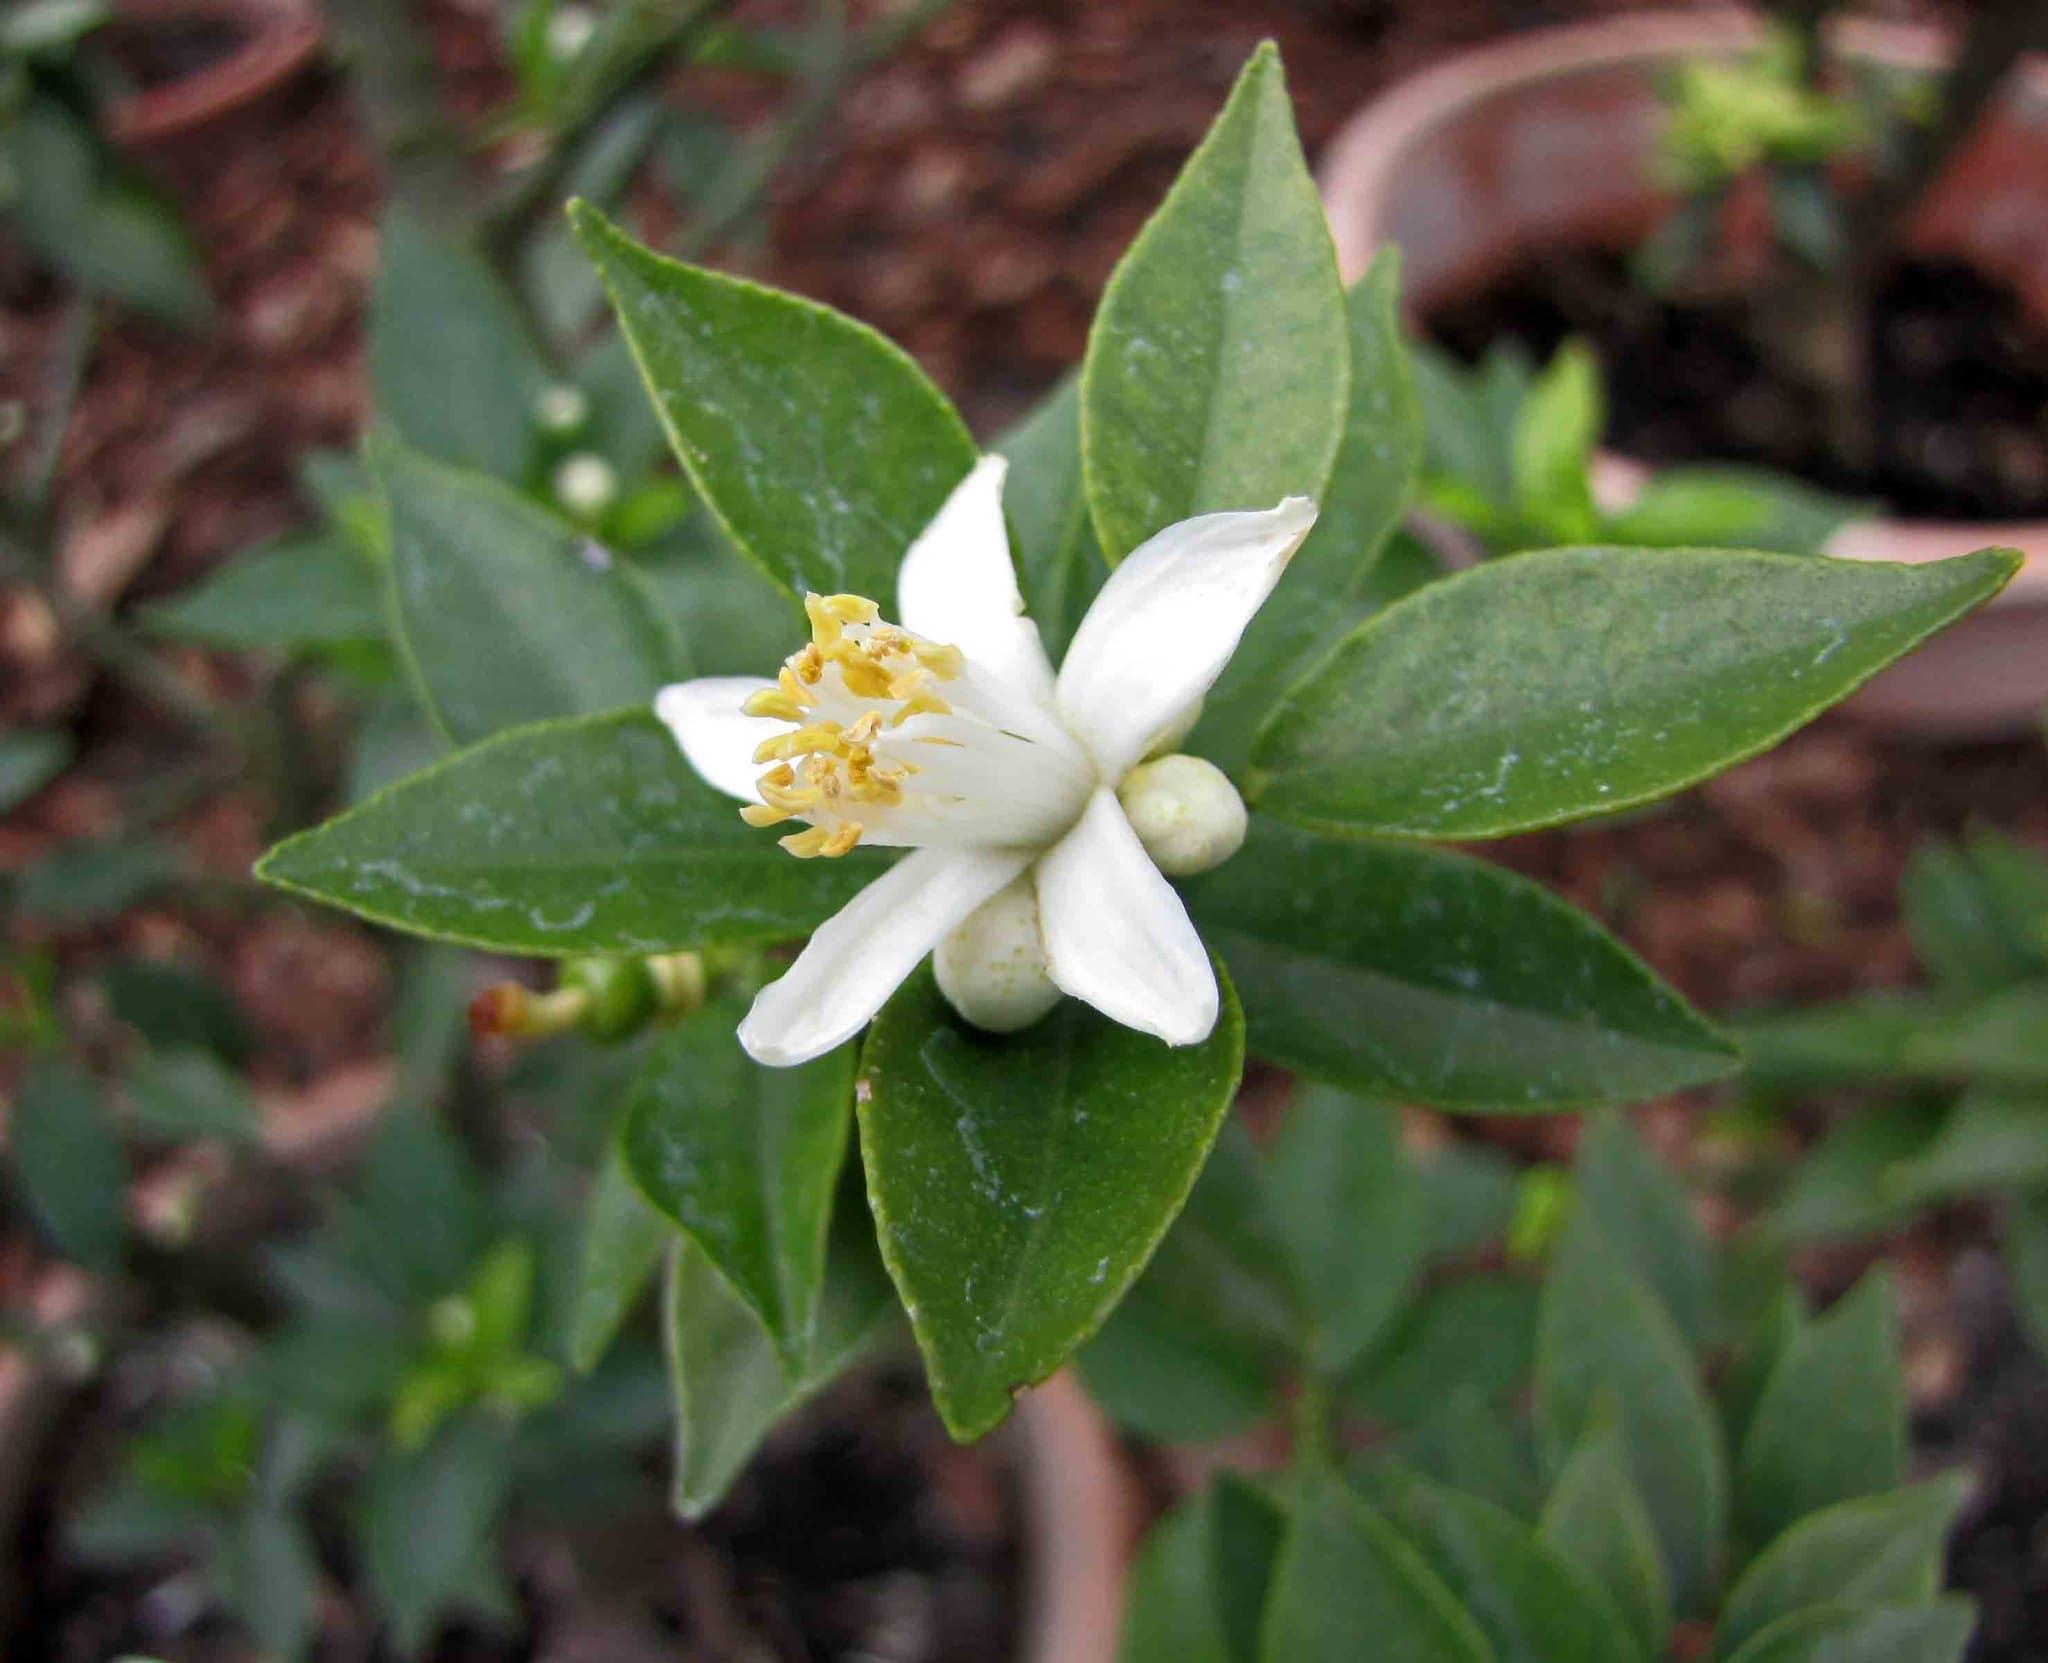 La flor del chinoto es blanca